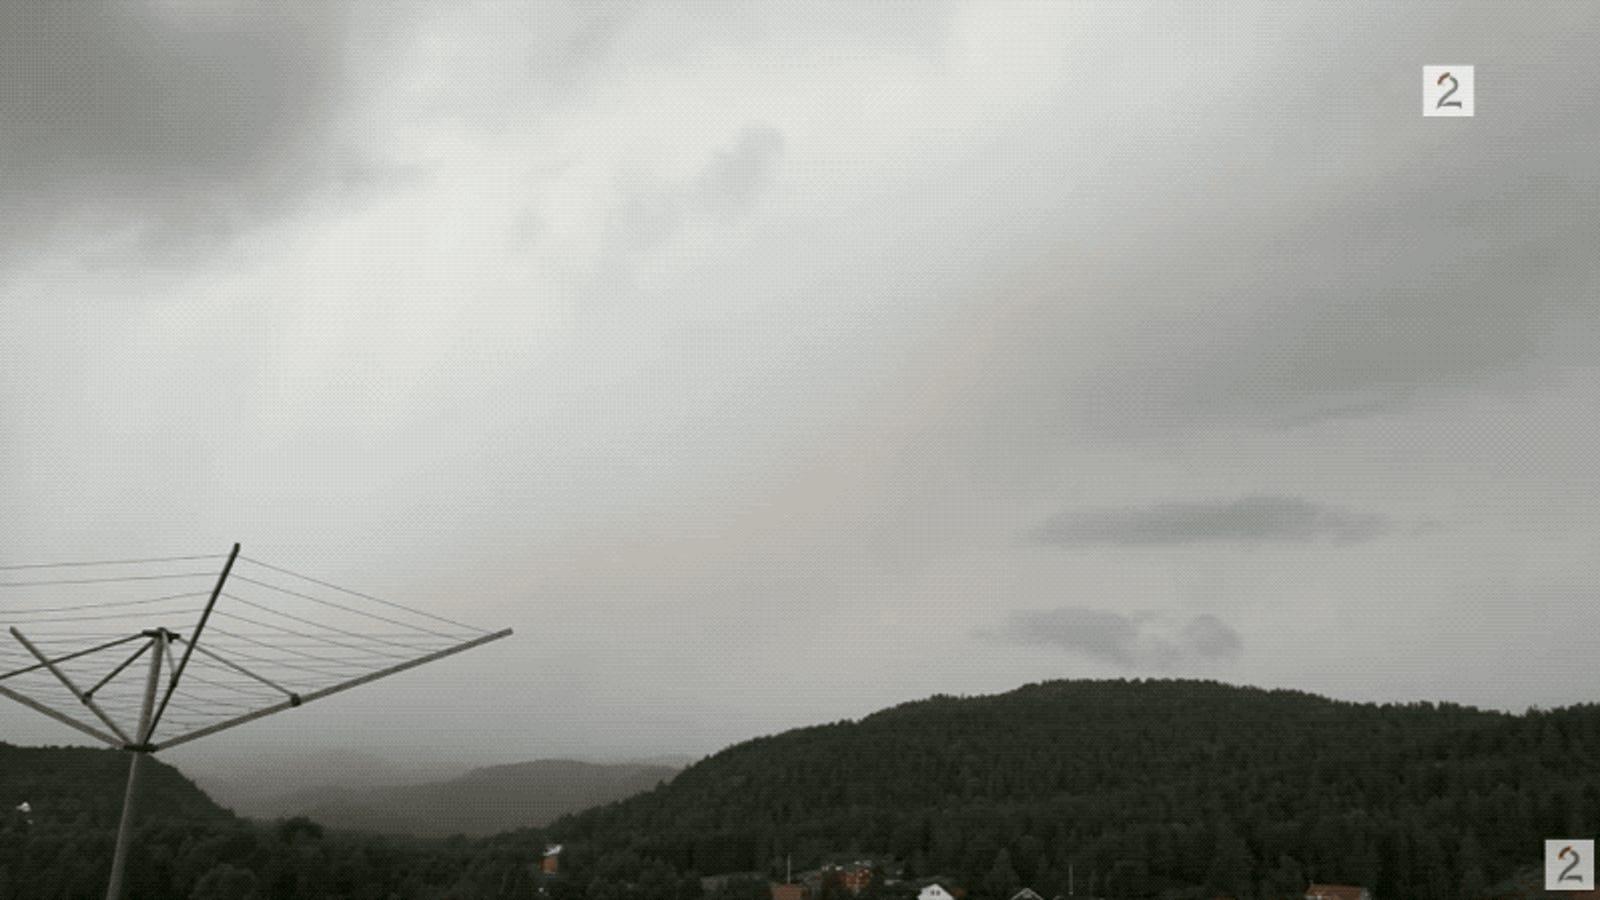 Le cae un rayo a solo cinco metros de distancia mientras grababa una tormenta desde la terraza de su casa